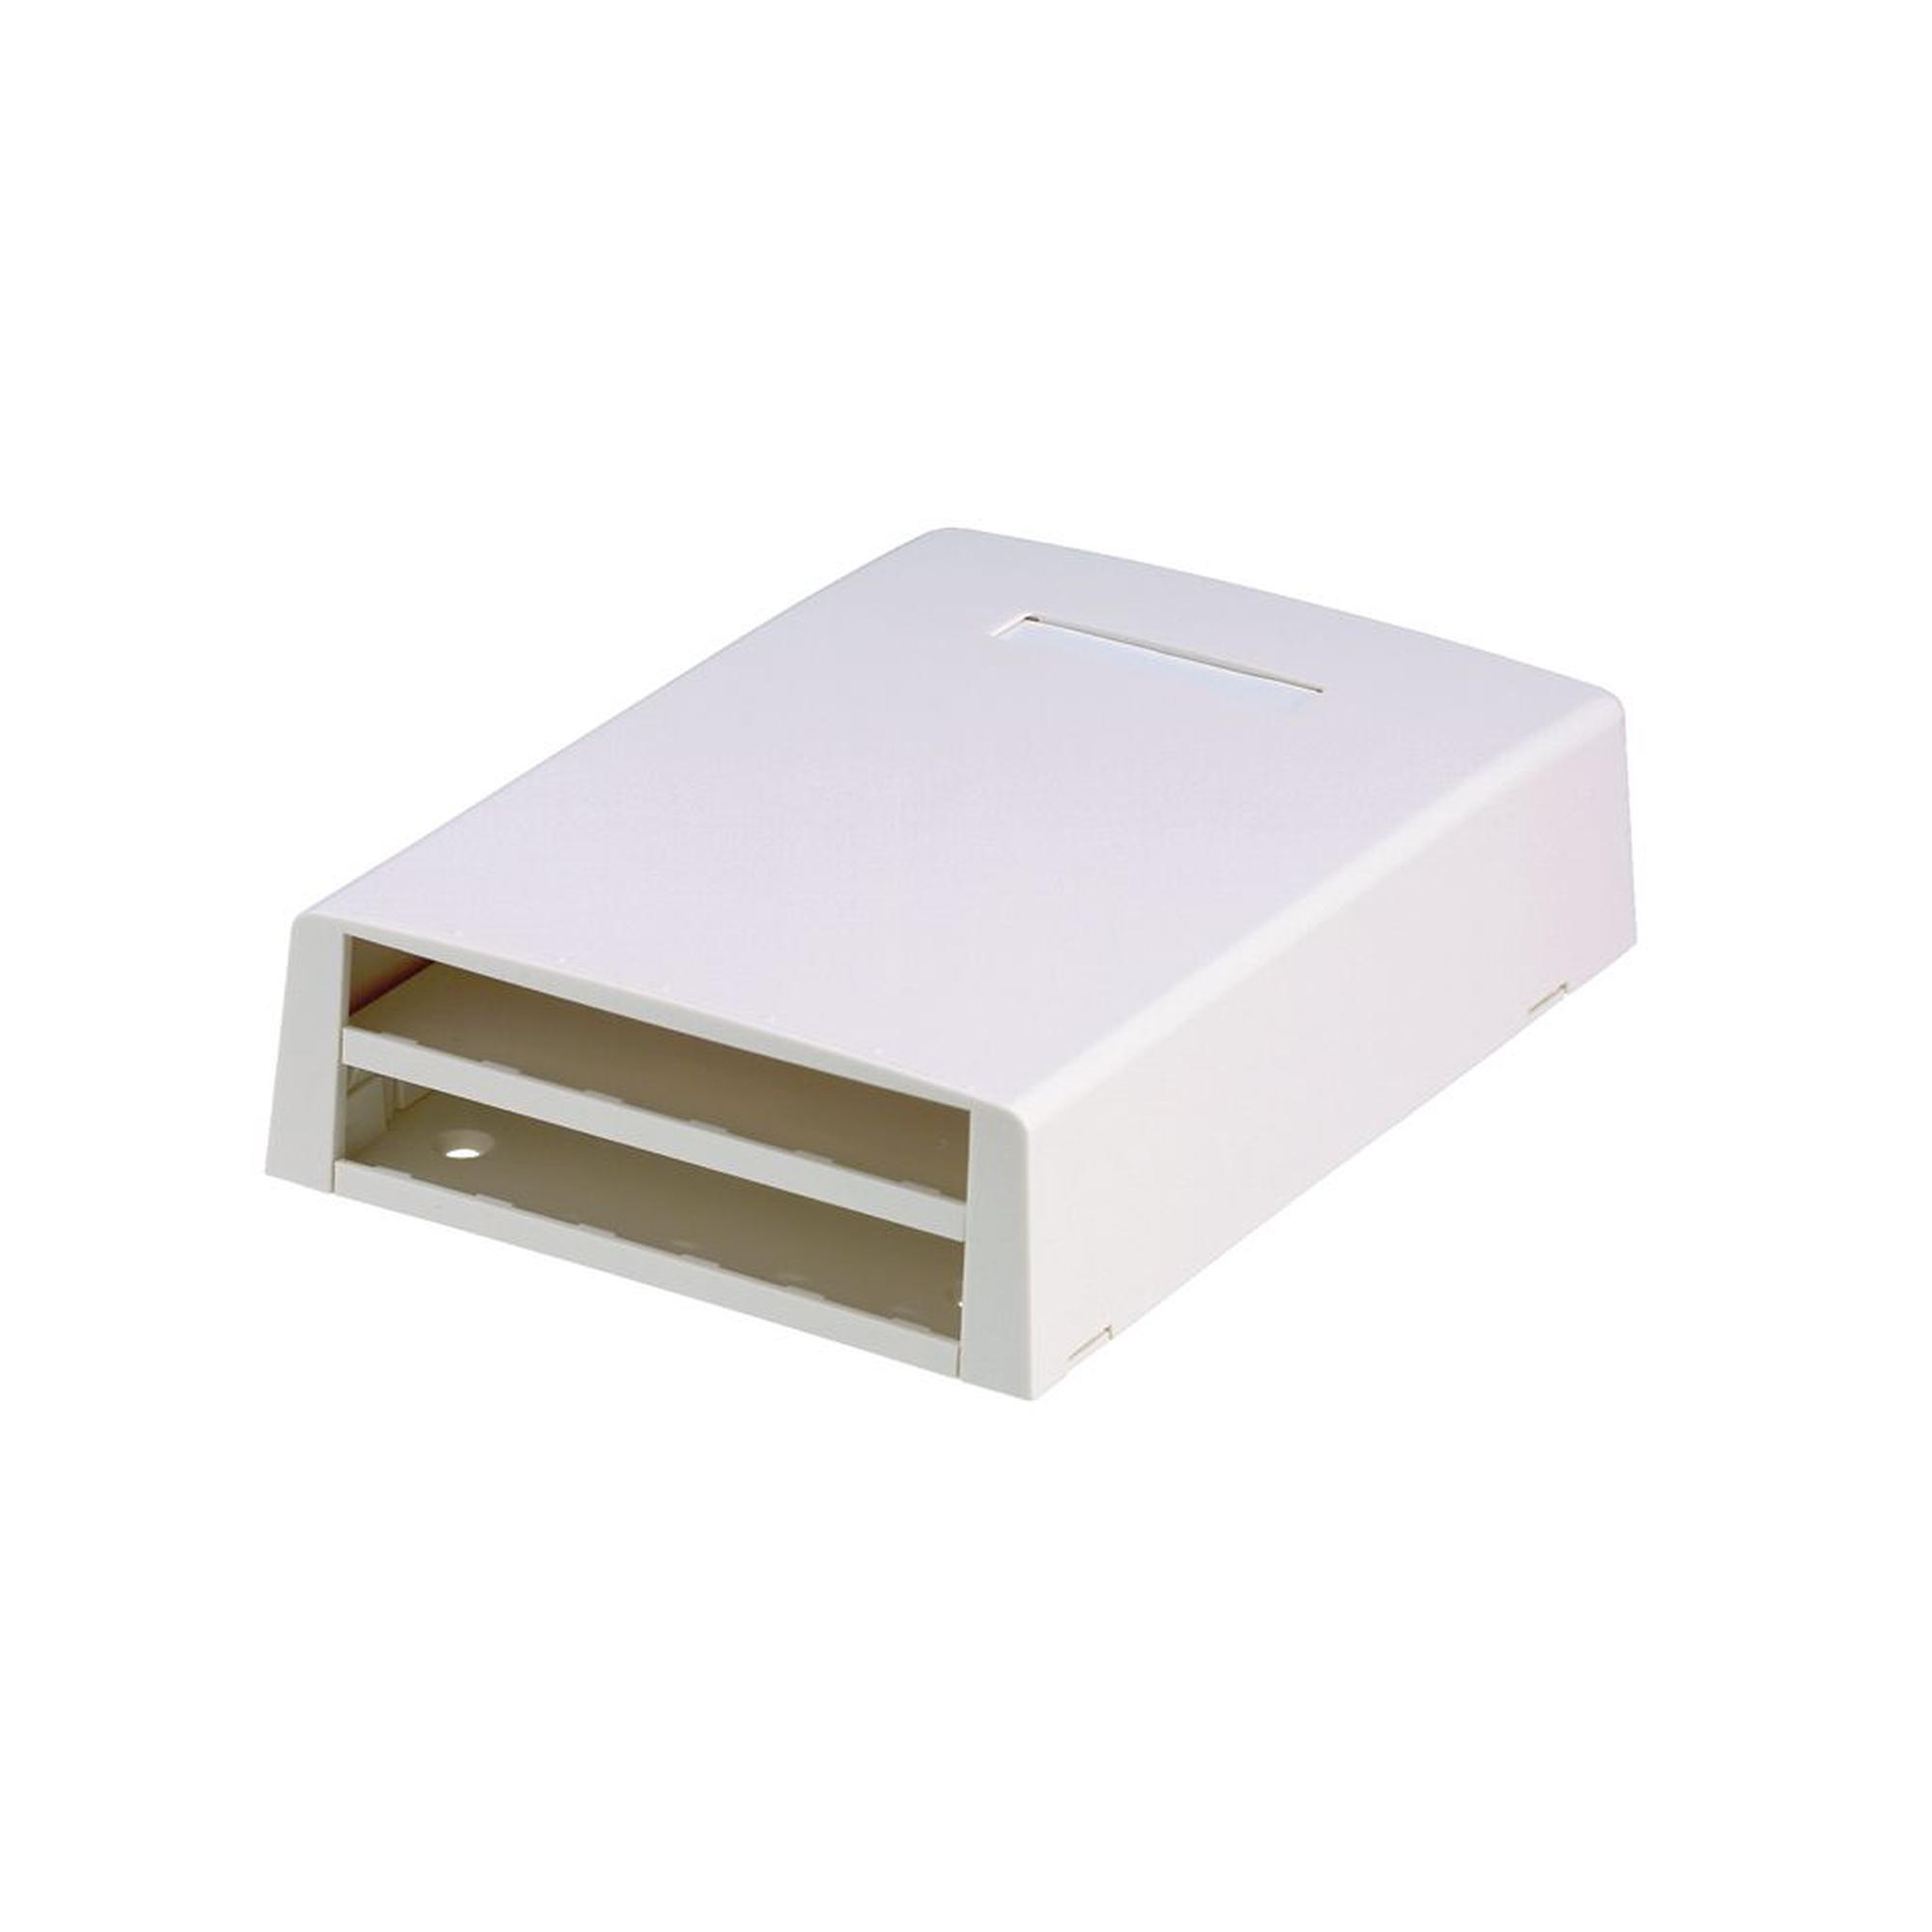 Caja de Montaje en Superficie, Con Accesorio para Resguardo de Fibra optica, Para 12 Modulos Mini-Com, Color Blanco